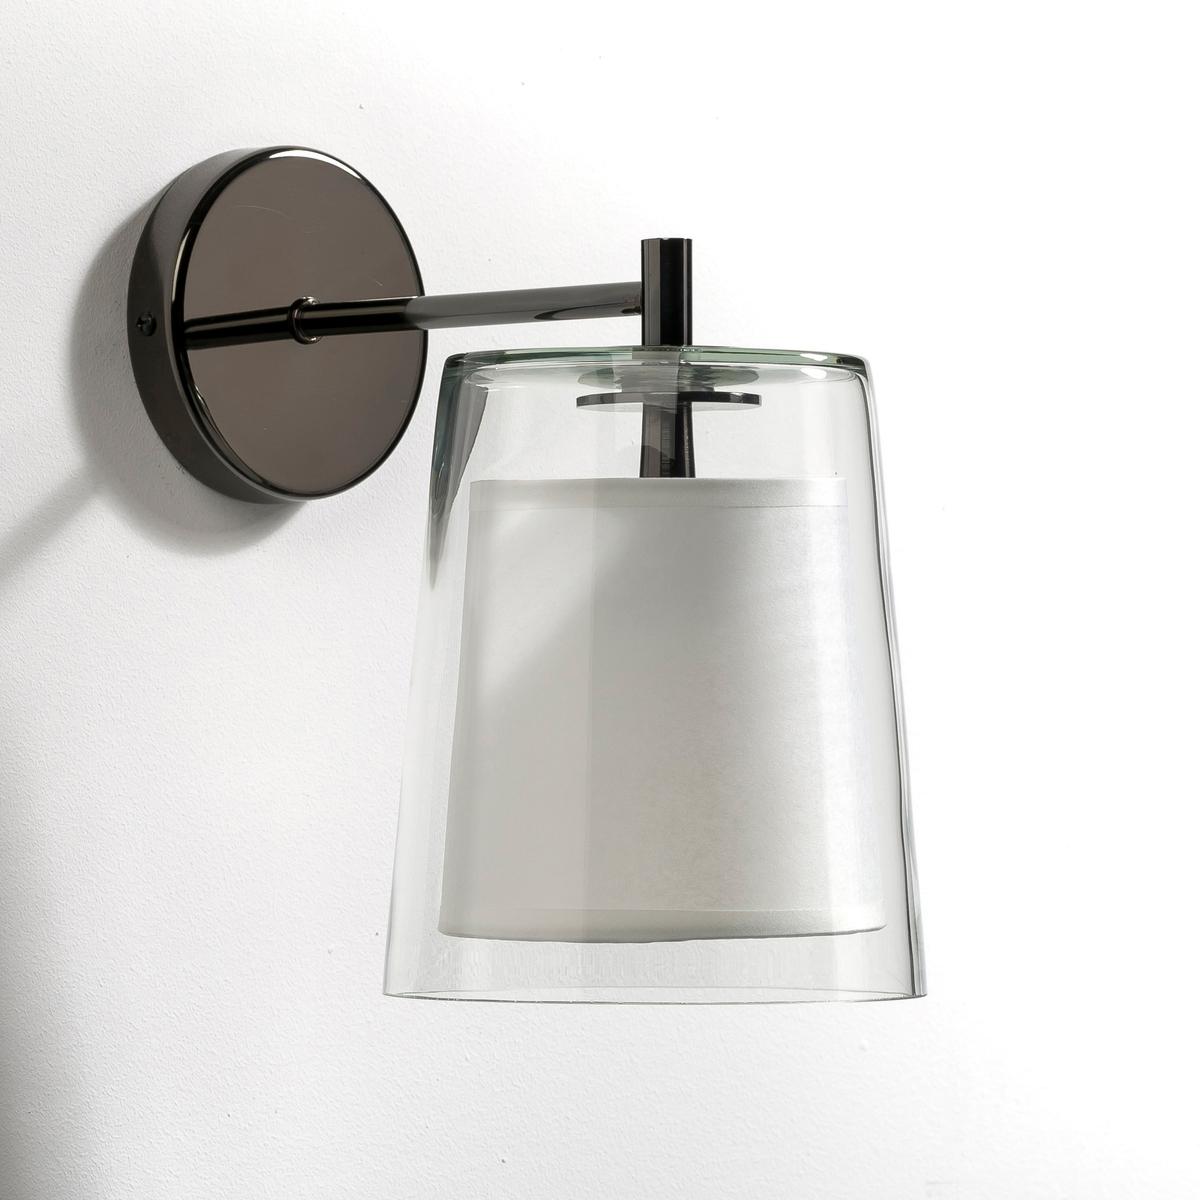 Светильник, DuoСветильник Duo, творение Эммануэля Галлины эксклюзивно для AM.PM  . Светильник из стекла, Абажур из бумаги калька внутри . Рассеянный, мягкий и теплый свет .Дизайнер - Эммануэль Галлина. Элегантность, очевидность и простота - это его ключевые понятия. Для него важны детали, чтобы запечатлеть каждое мгновение в линиях, форме и функциональности. Характеристики : - Подставка из хромированного металла темно-серого цвета  . - Патрон E14 для флюокомпактной лампочки макс 11W (не входит в комплект)  . - Совместима с лампочками электрического класса  A.     Размеры : - ?14,5 x 23,5 x 23,5 см<br><br>Цвет: прозрачный